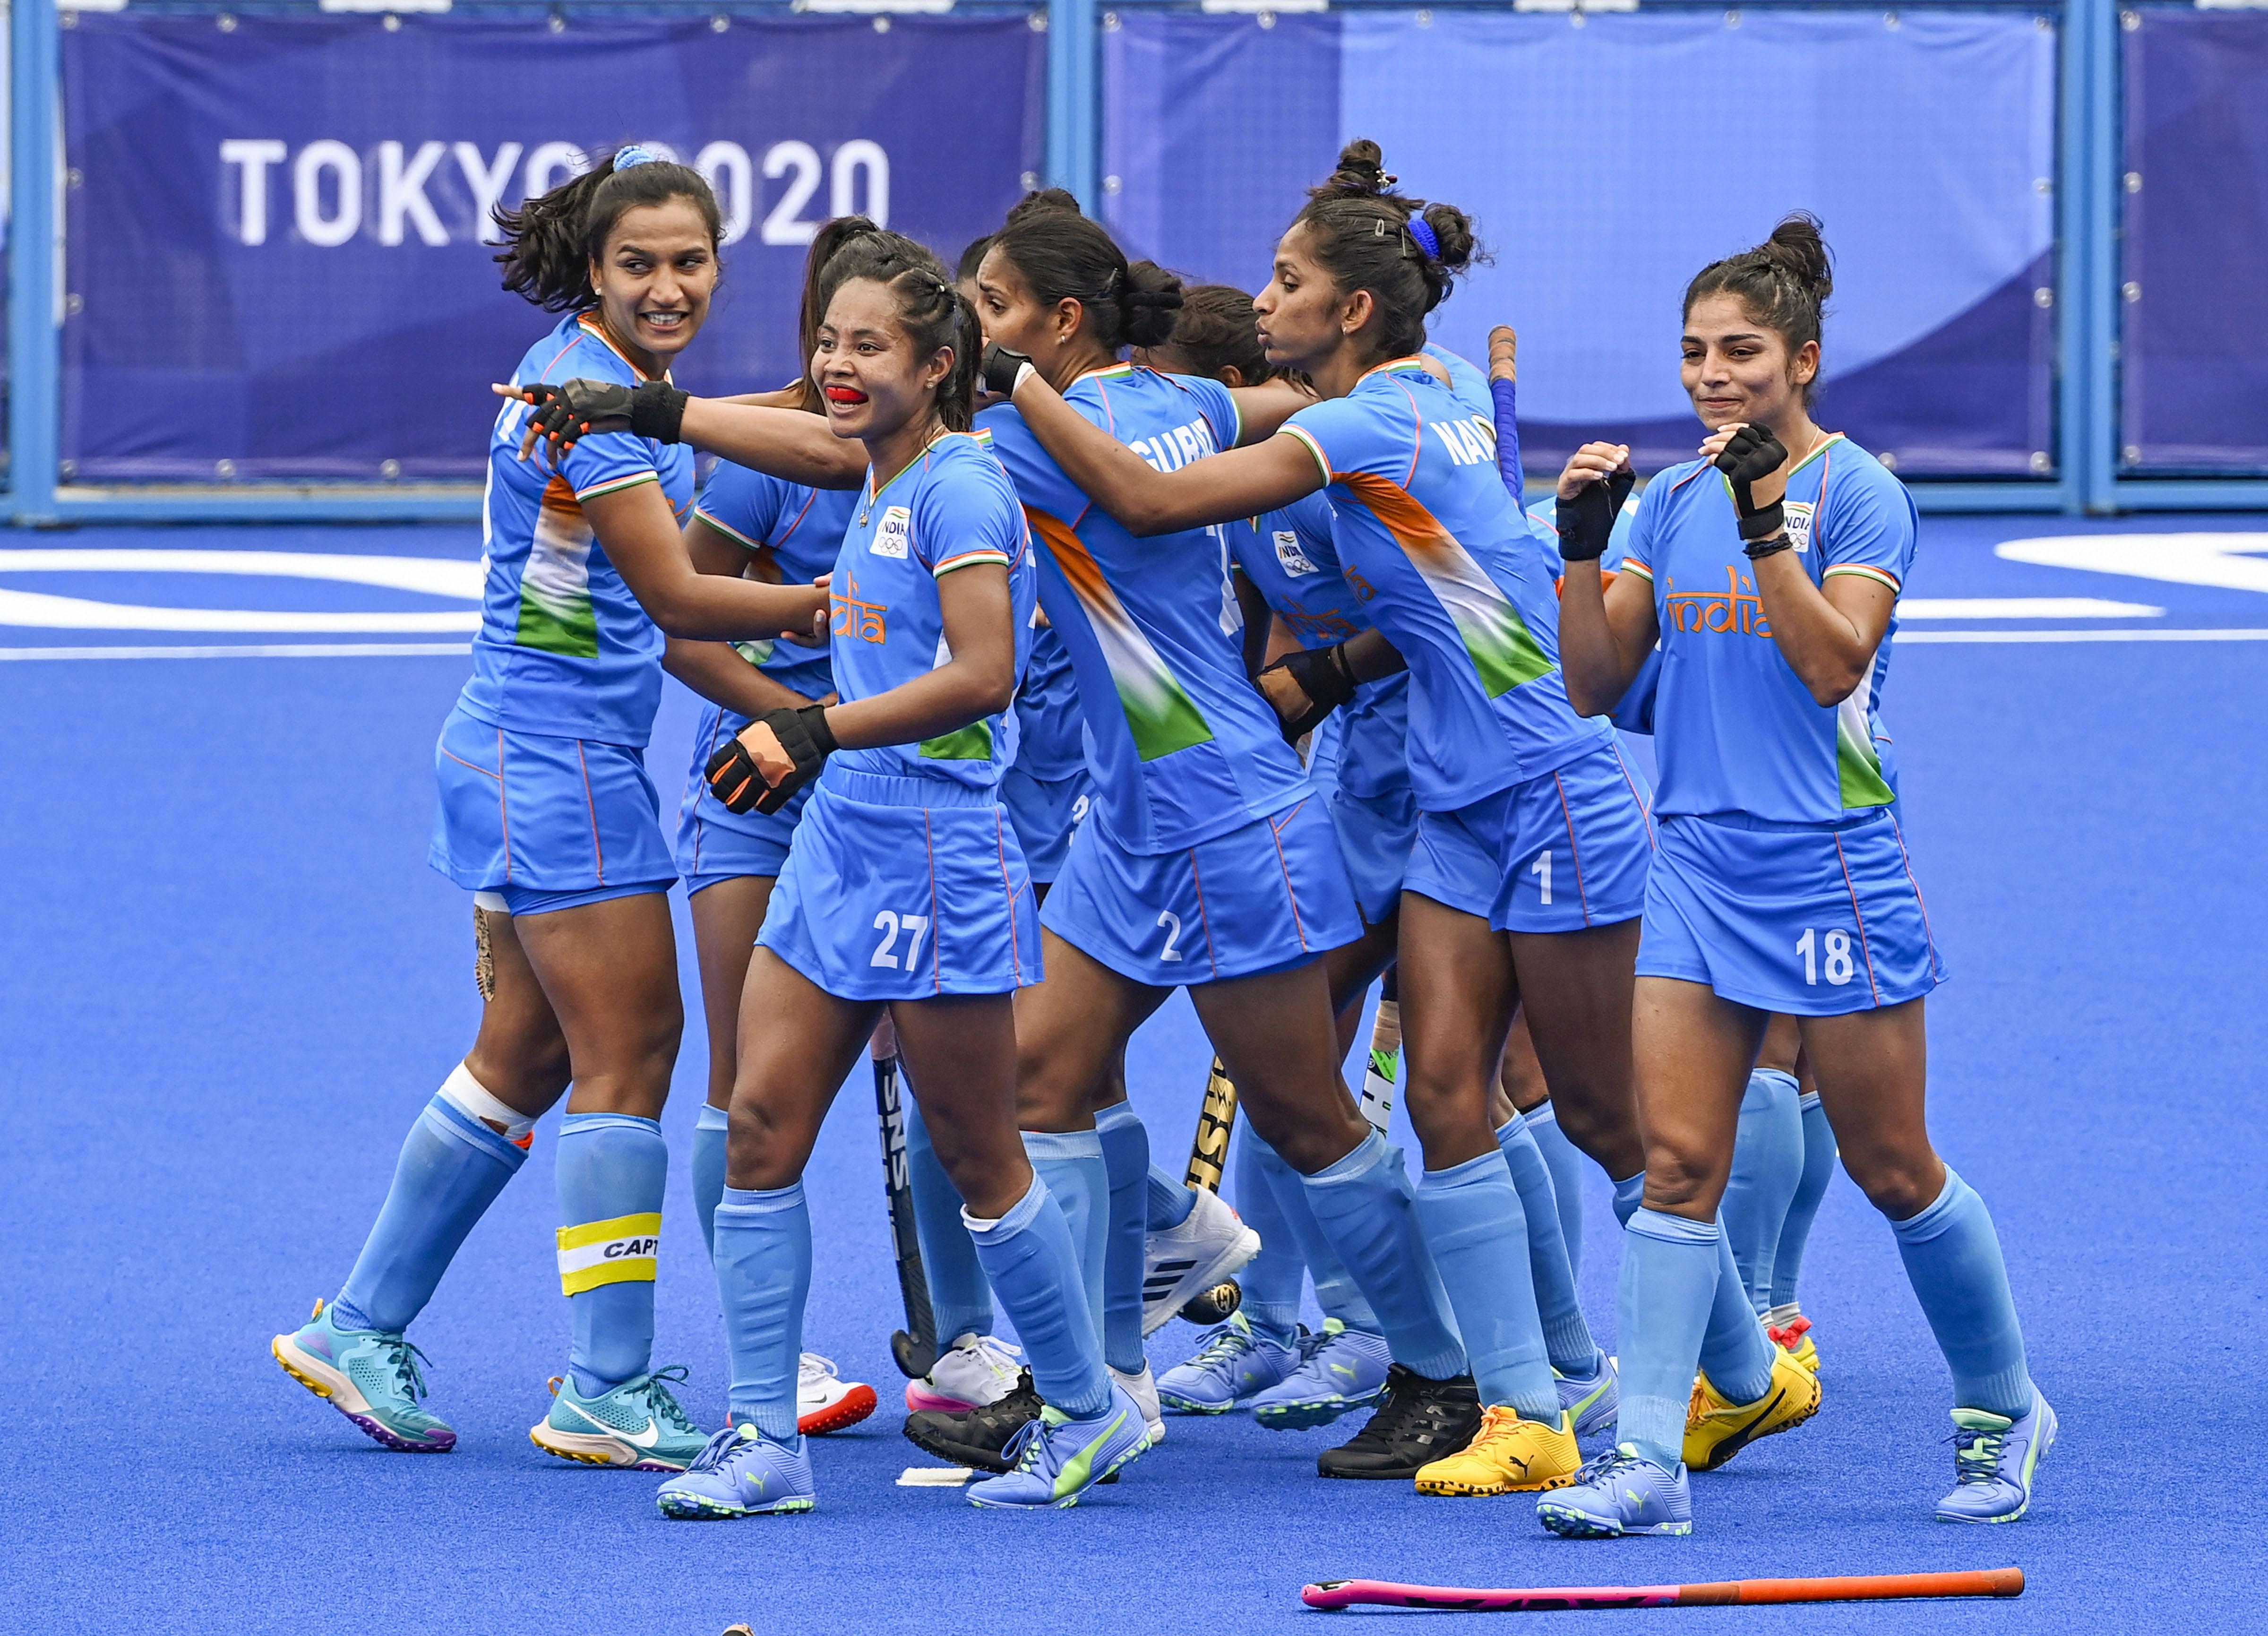 सेमीफाइनल में जगह बनाने के बाद जश्न मनाती टीम इंडिया।